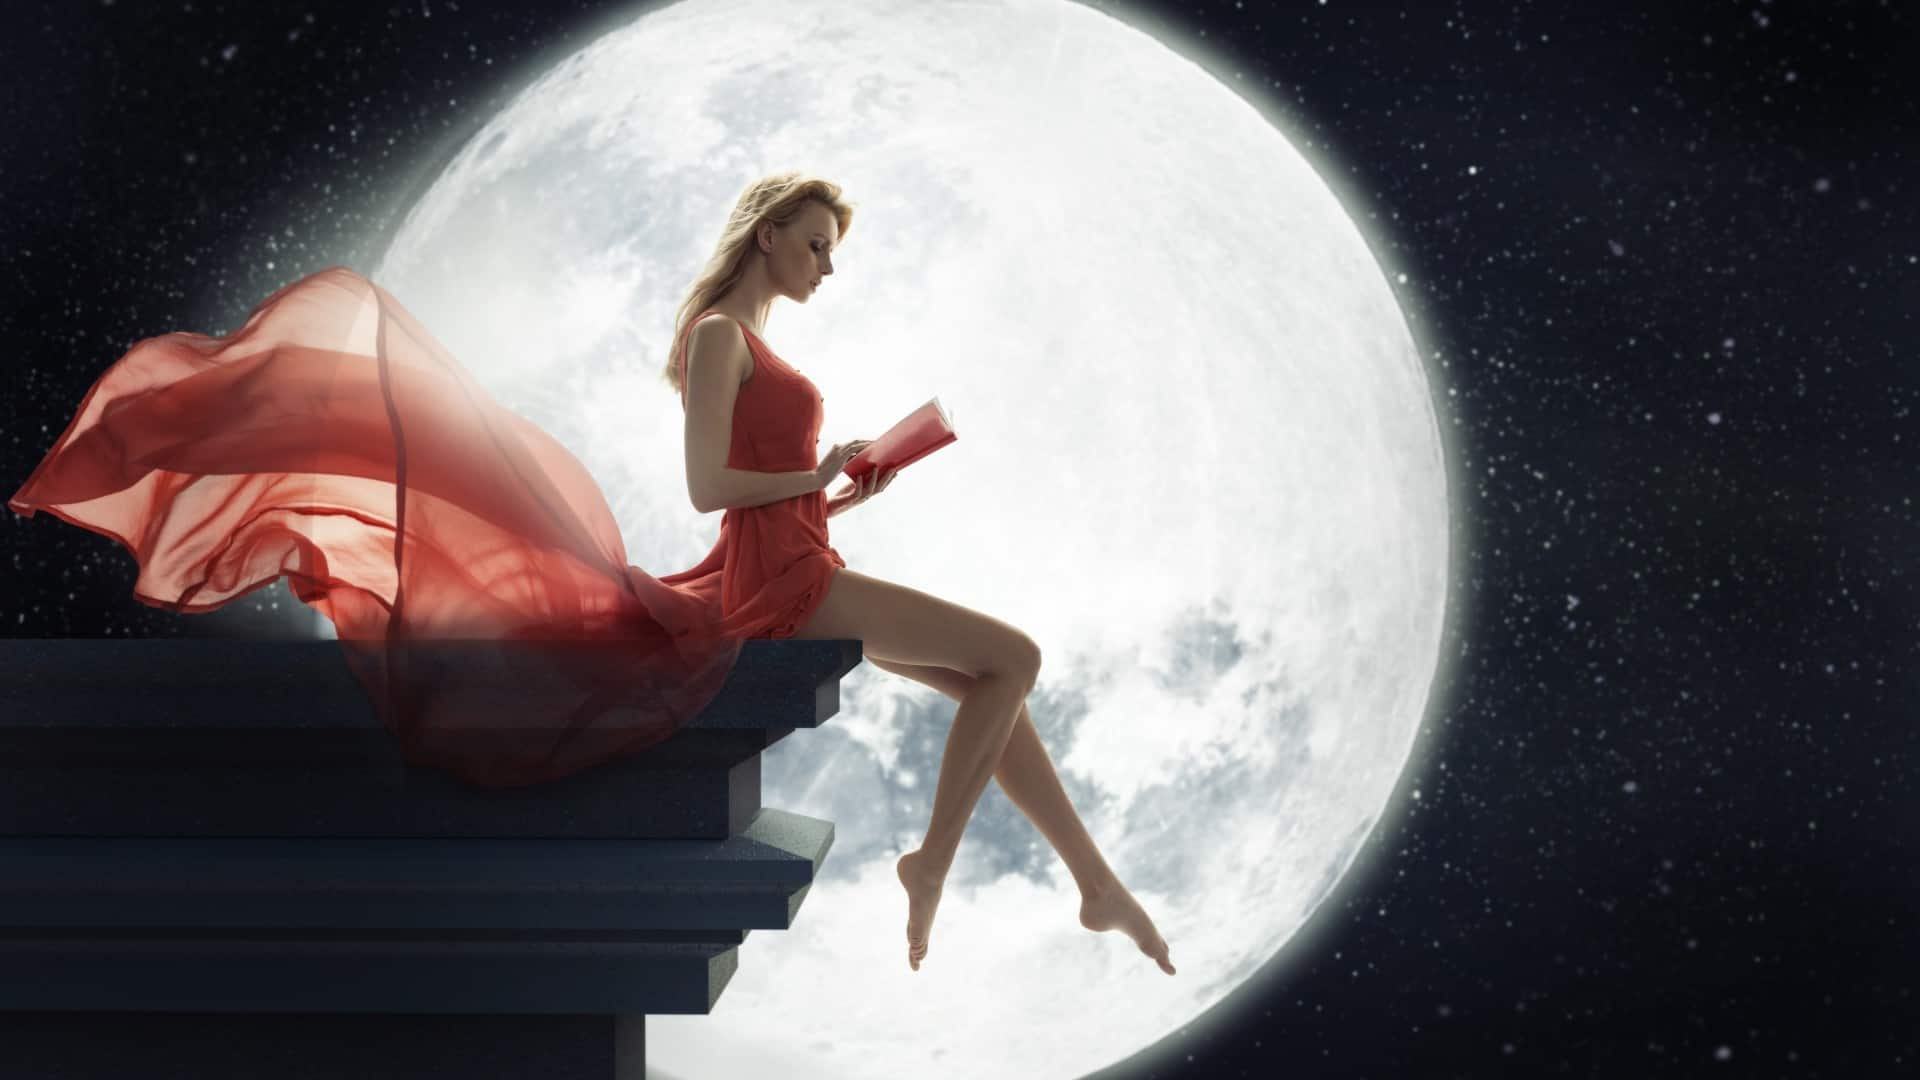 Луна серьёзно влияет на наше тело и жизнь